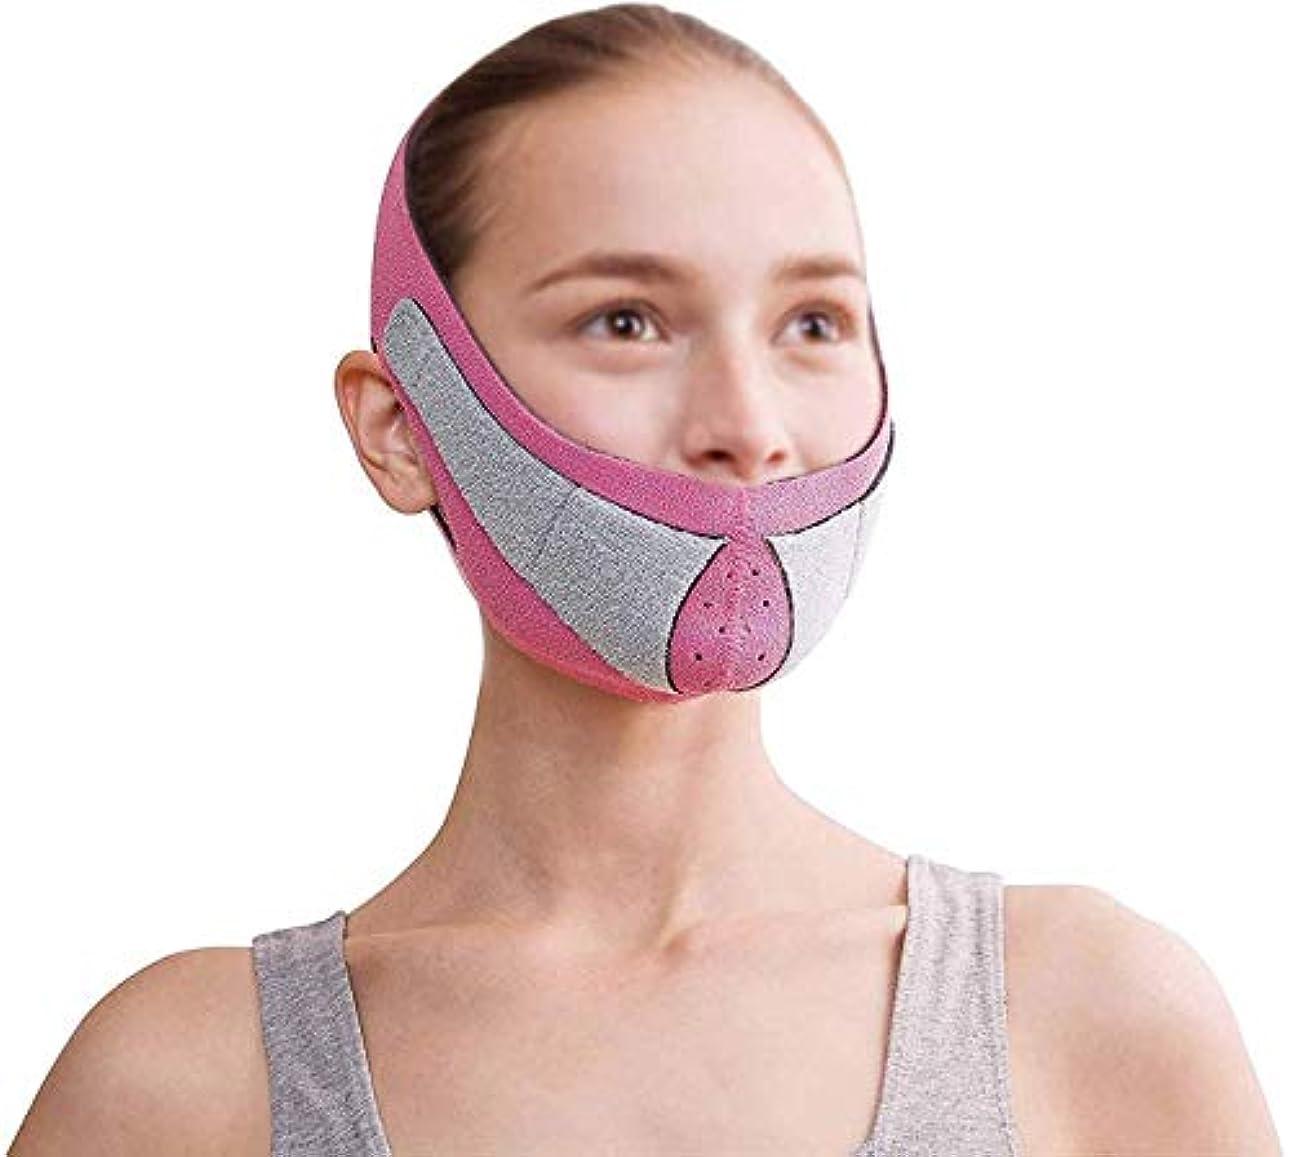 地球製油所ダーベビルのテス美容と実用的なフェイスリフトマスク、フェイシャルマスクプラス薄型フェイスマスクタイトアンチタギング薄型フェイスマスクフェイシャル薄型フェイスマスクアーティファクトビューティーネックストラップ付き